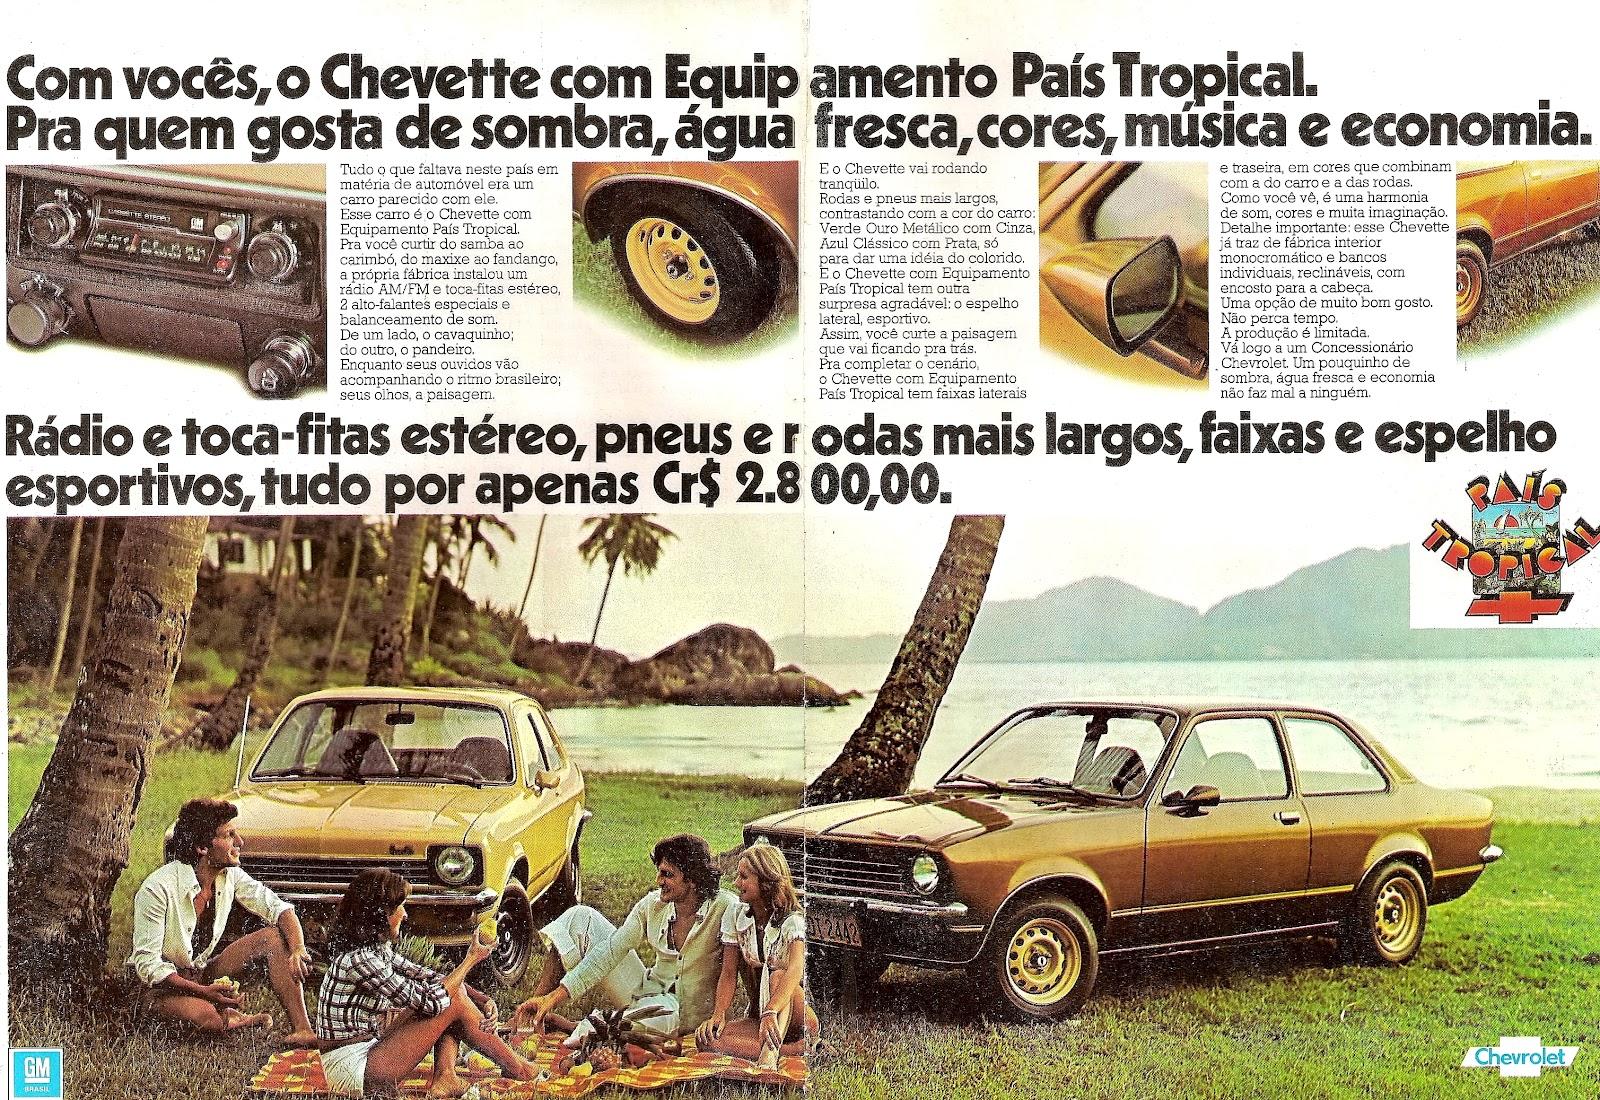 Imagem da propaganda de época do Chevrolet Chevette País Tropical